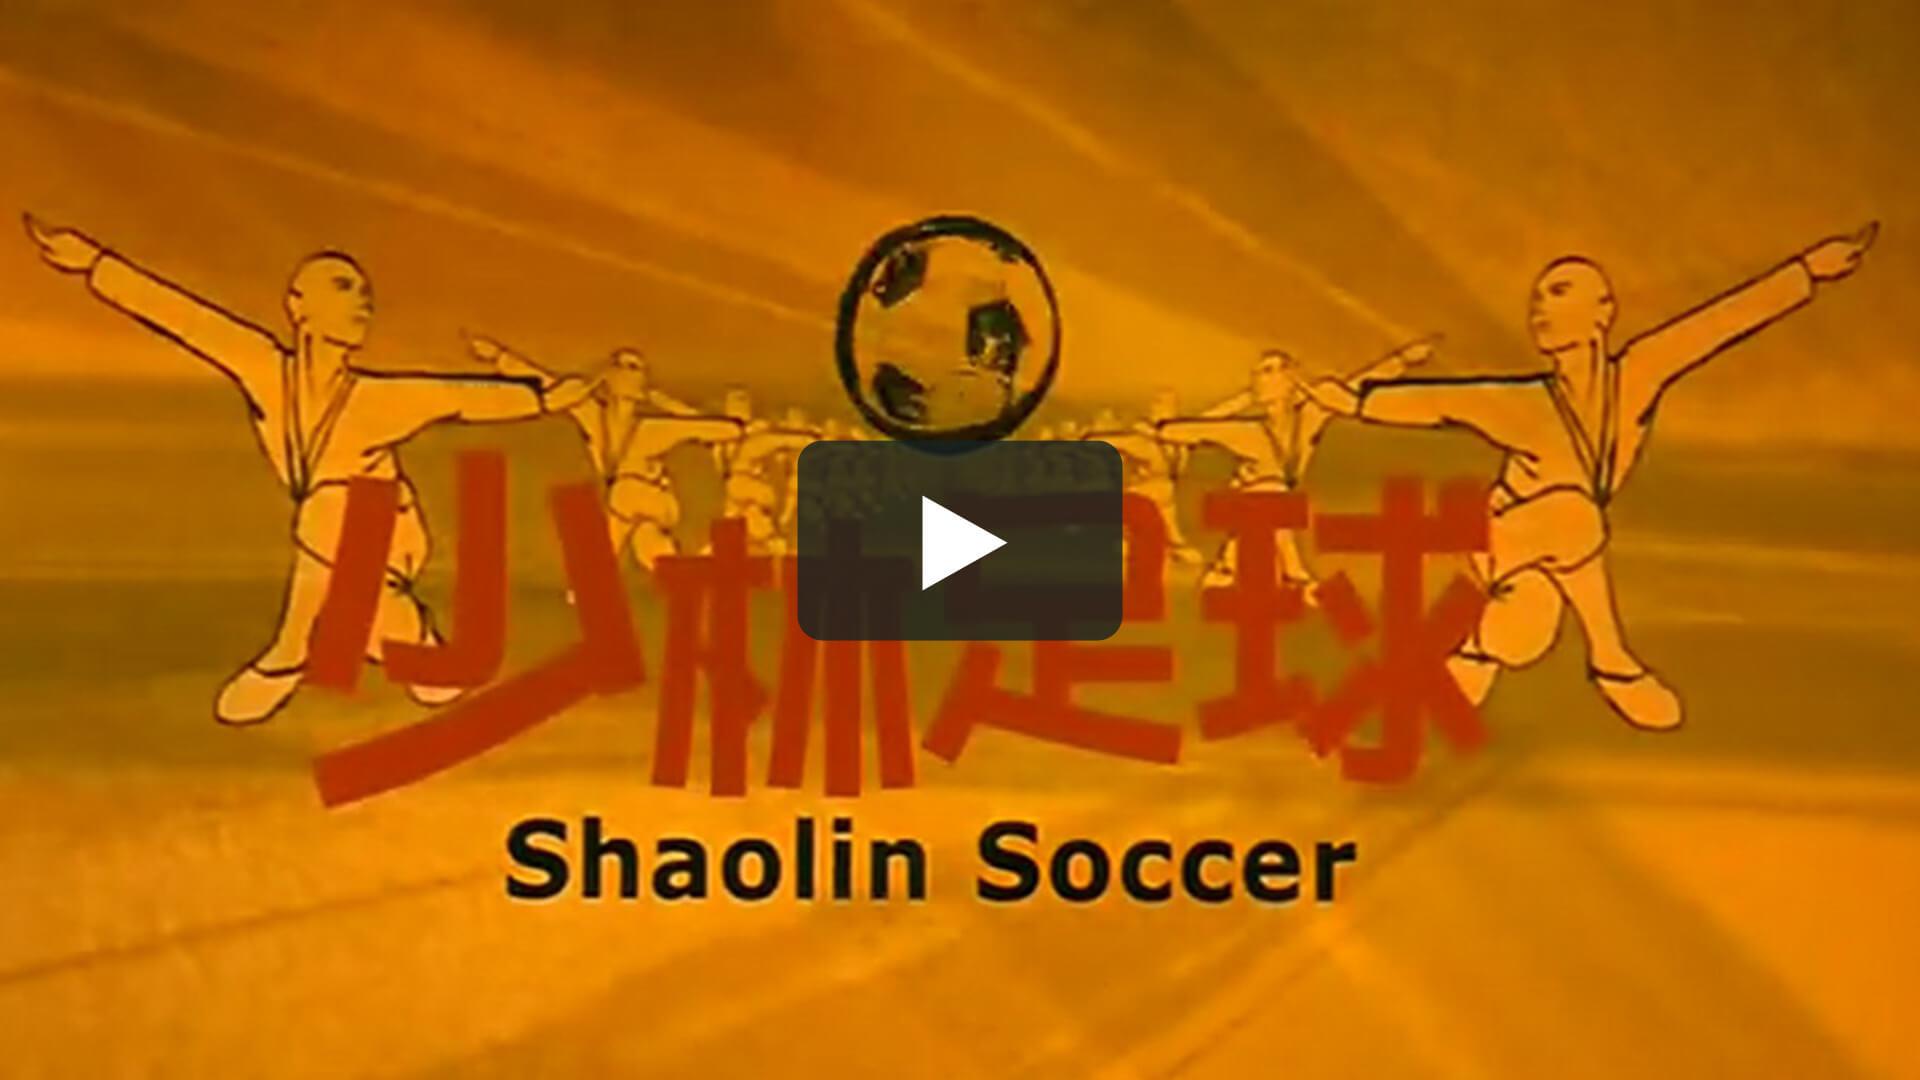 少林足球 - Shaolin Soccer